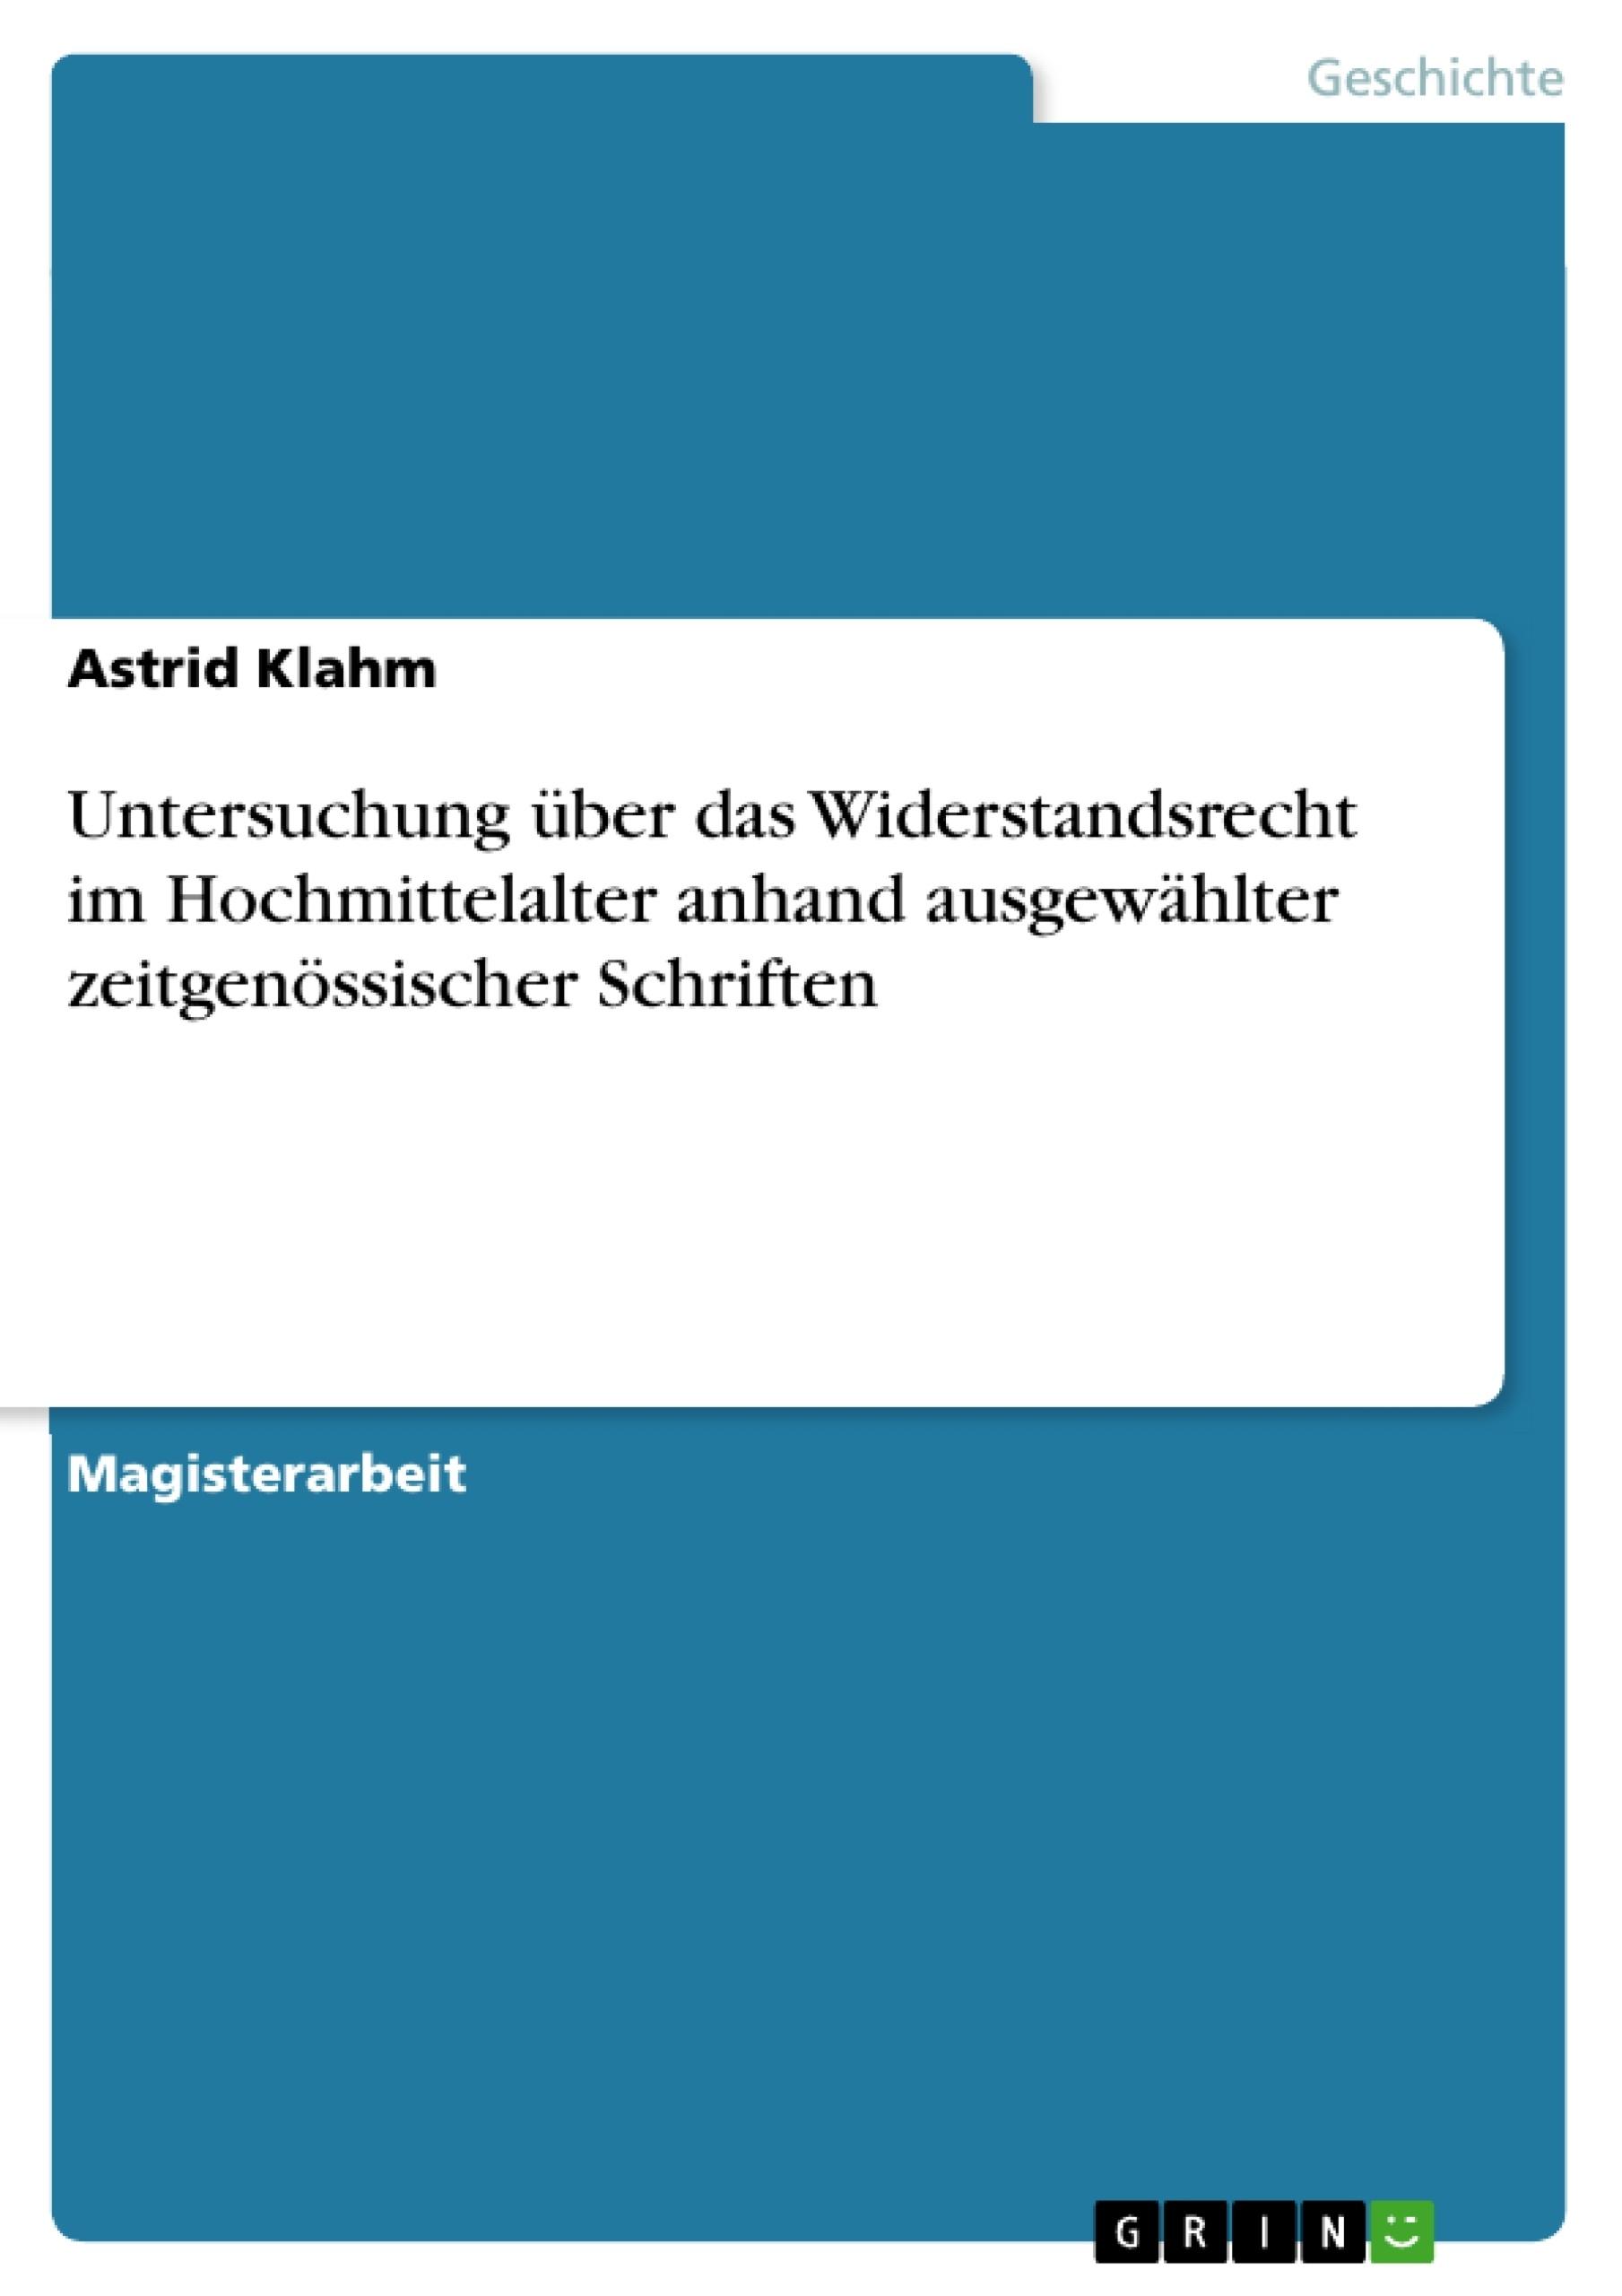 Titel: Untersuchung über das Widerstandsrecht im Hochmittelalter anhand ausgewählter zeitgenössischer Schriften